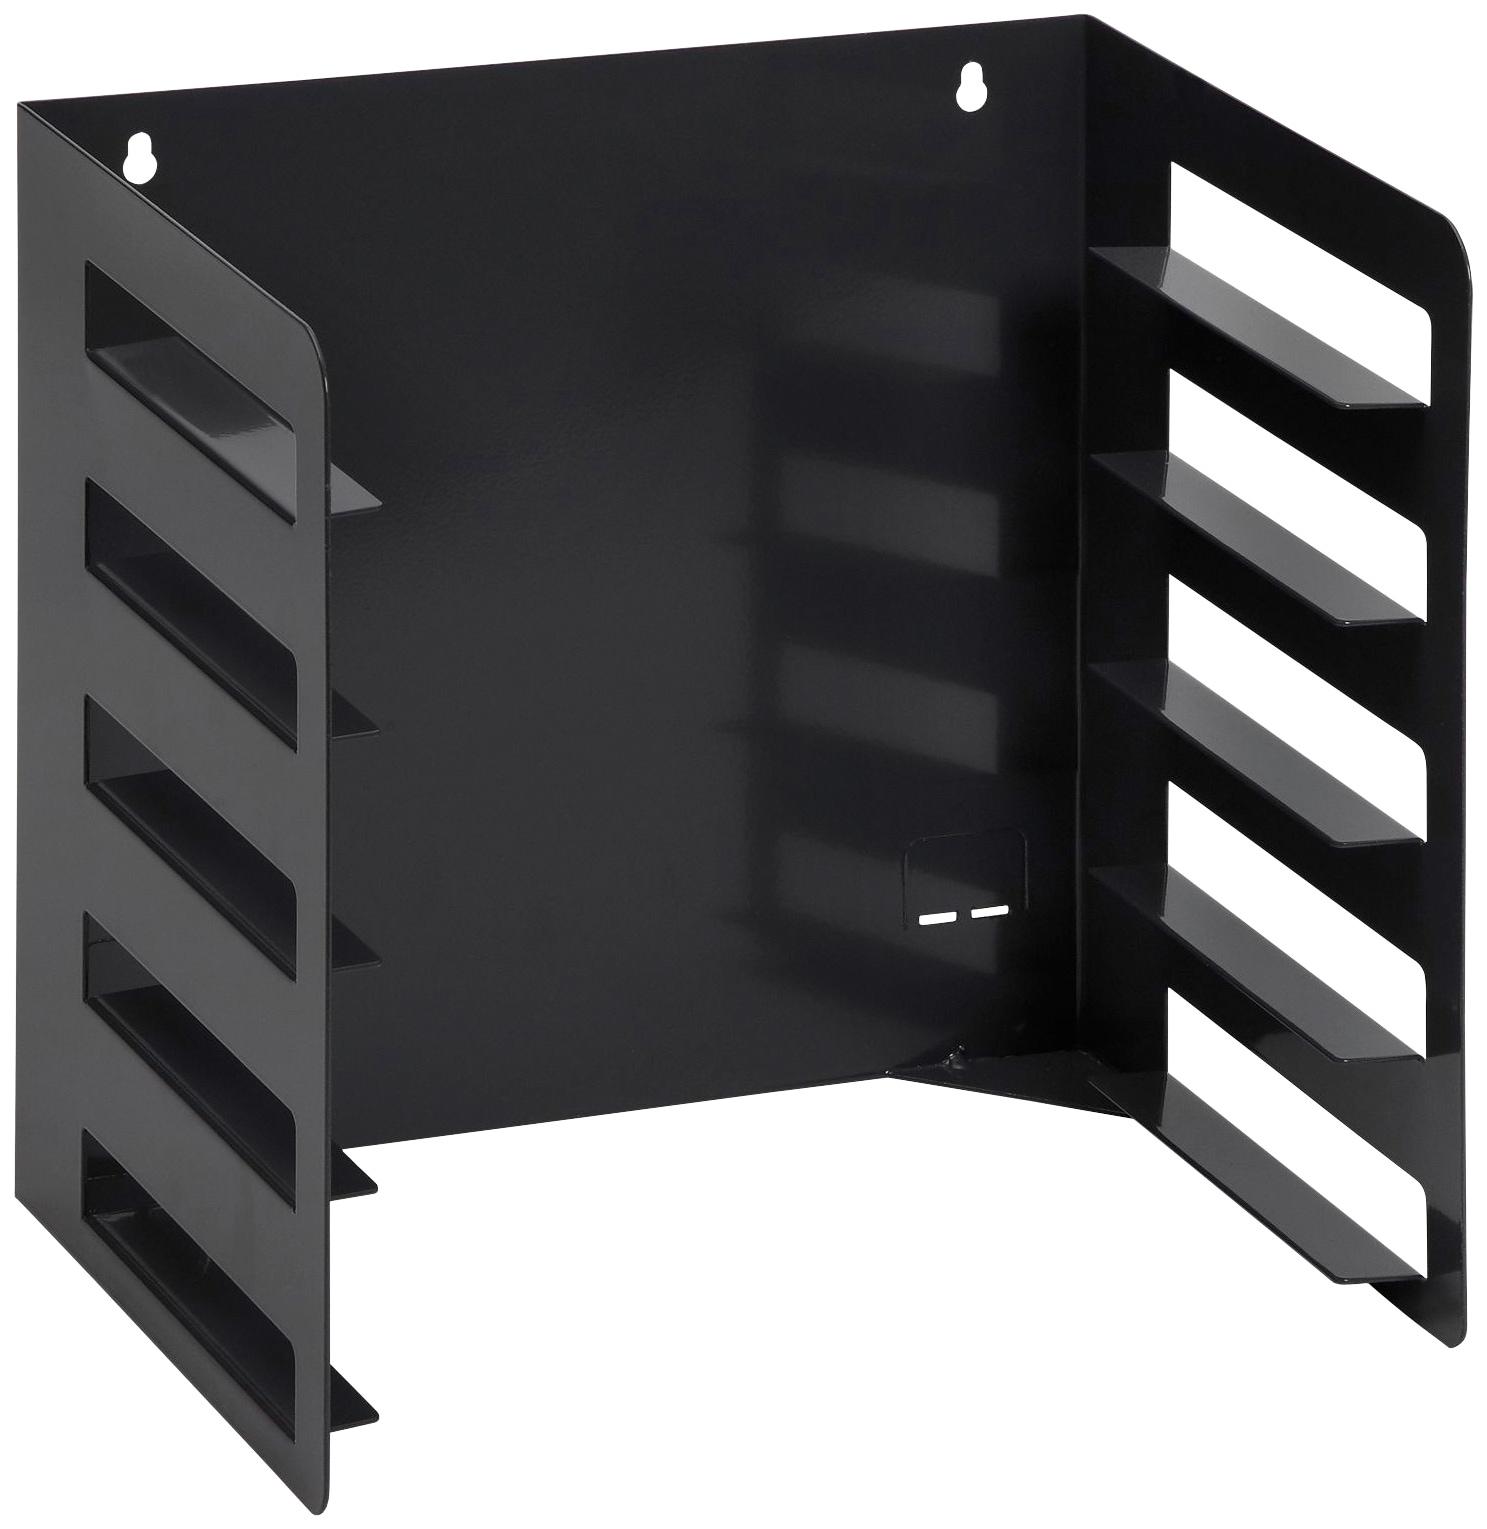 RAMSES Ordnungssystem, für Sortimentskästen, 33x23x31,5 cm | Schlafzimmer > Kleiderschränke > Ordnungssysteme | Schwarz | RAMSES